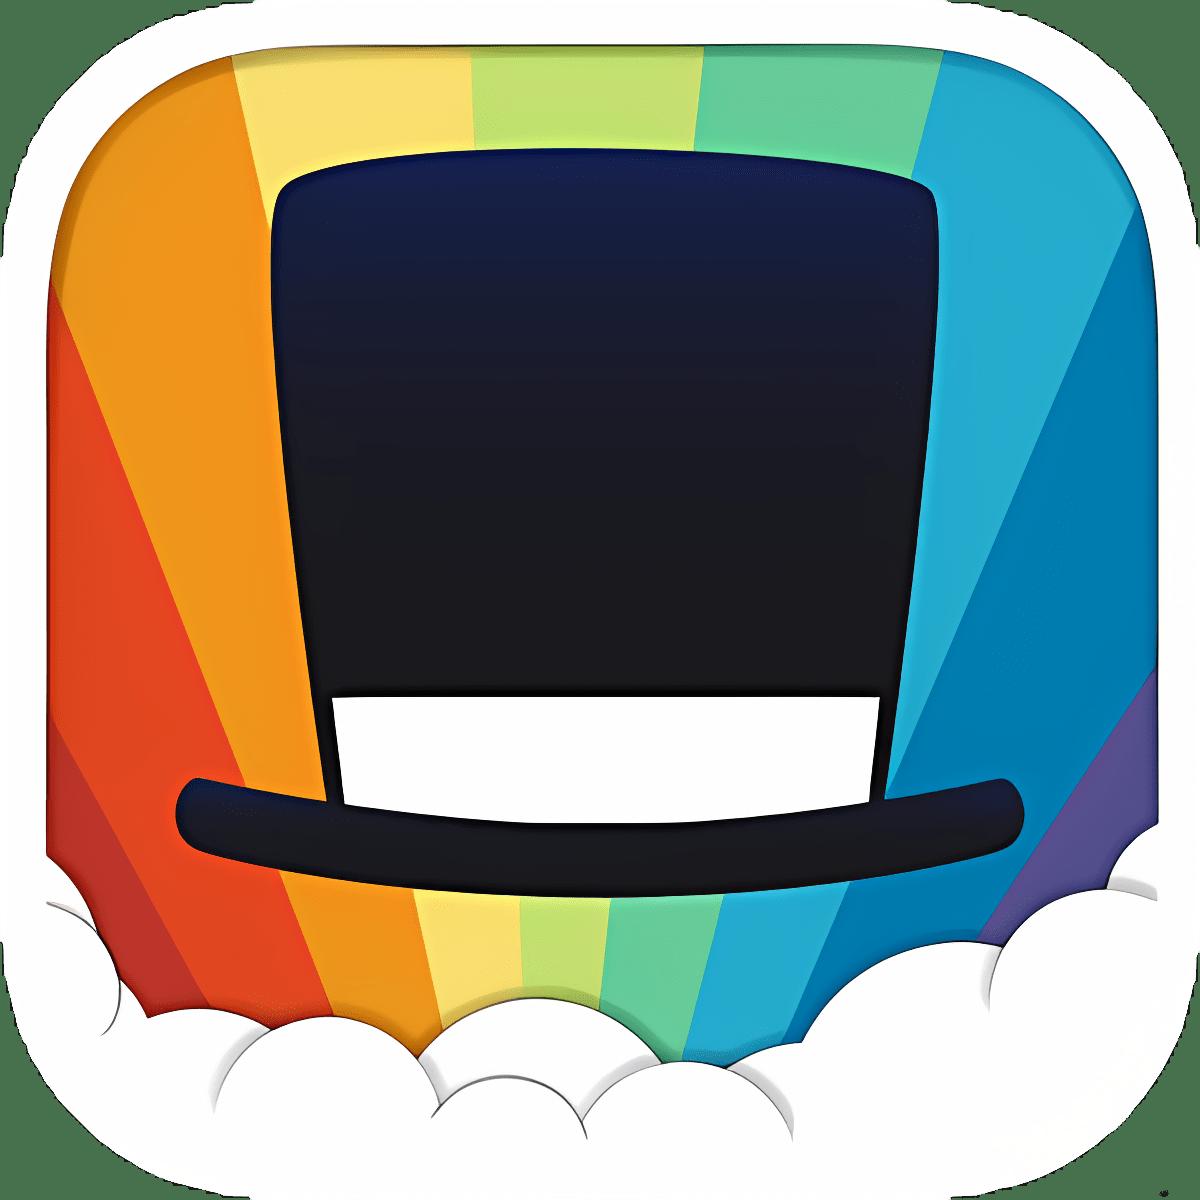 Bubble Hats. Big Bang-Tic Tac